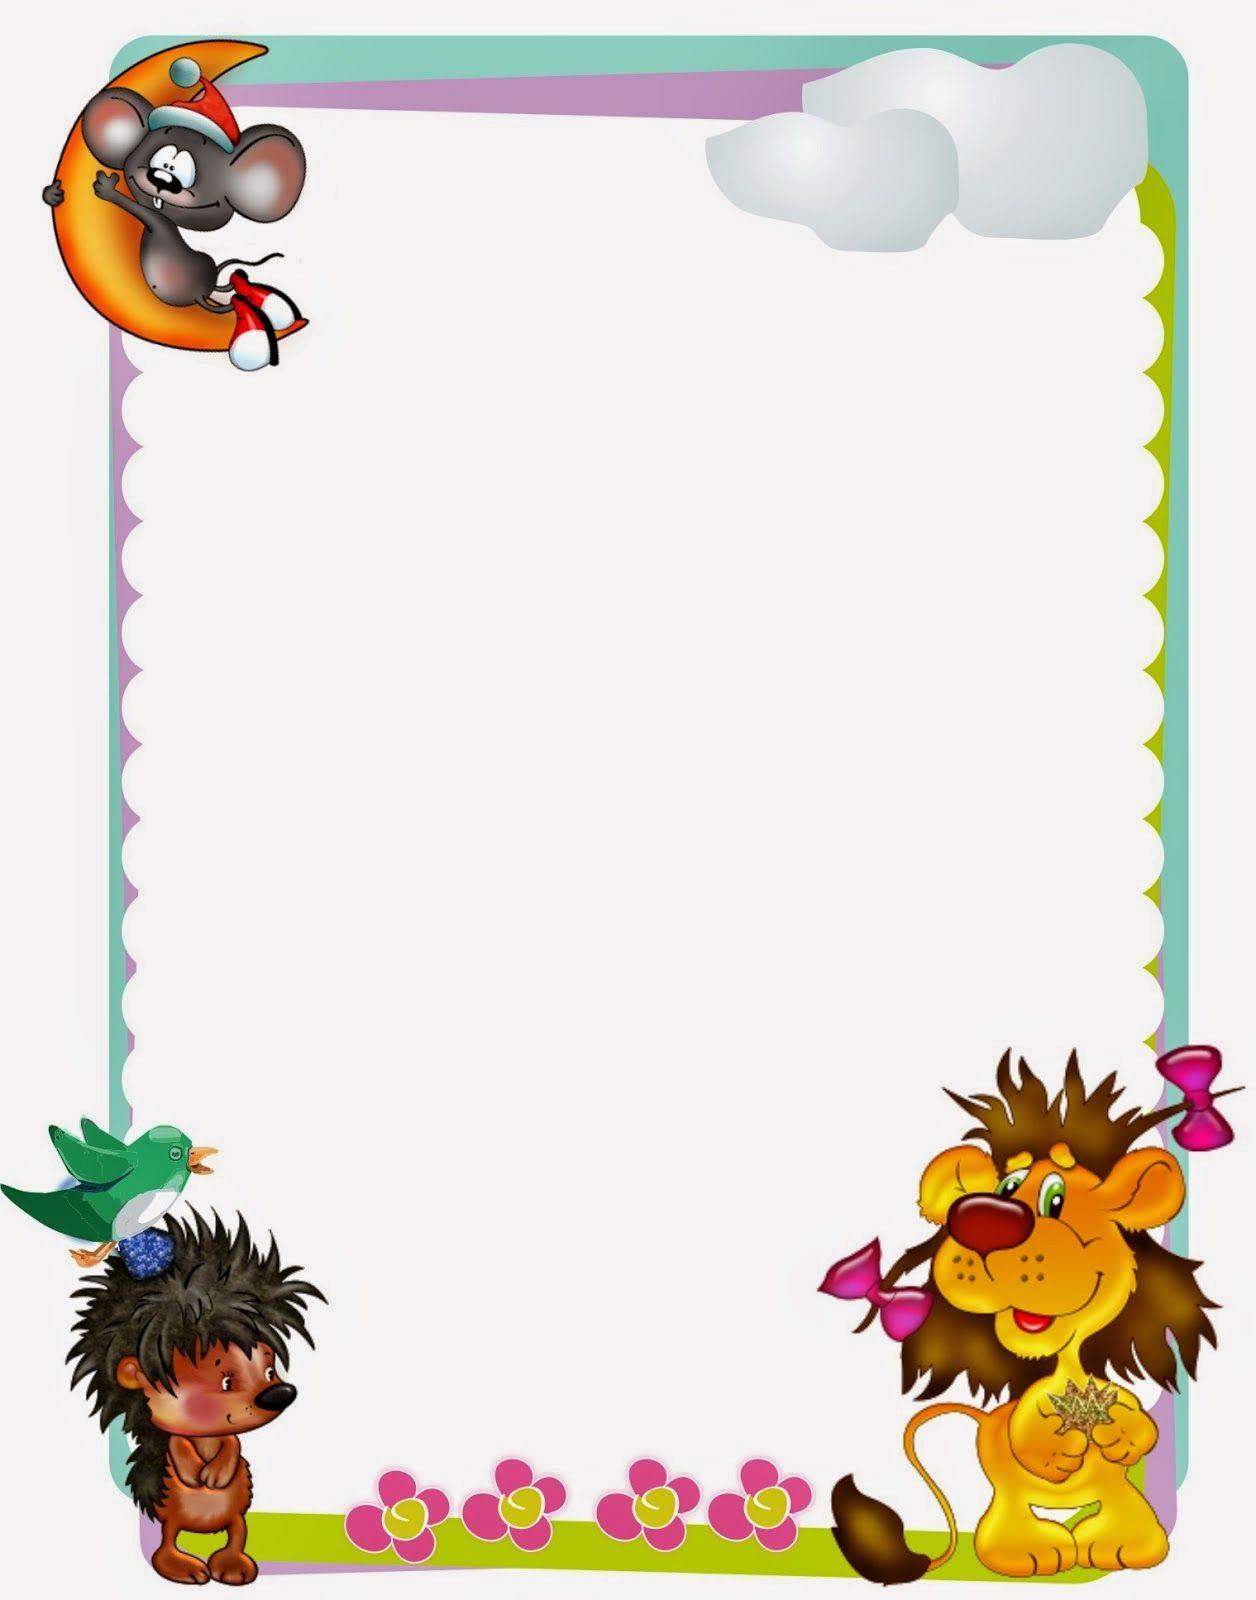 Caratulas niños y niñas kinder | Imprimibles | Pinterest | Marcos ...